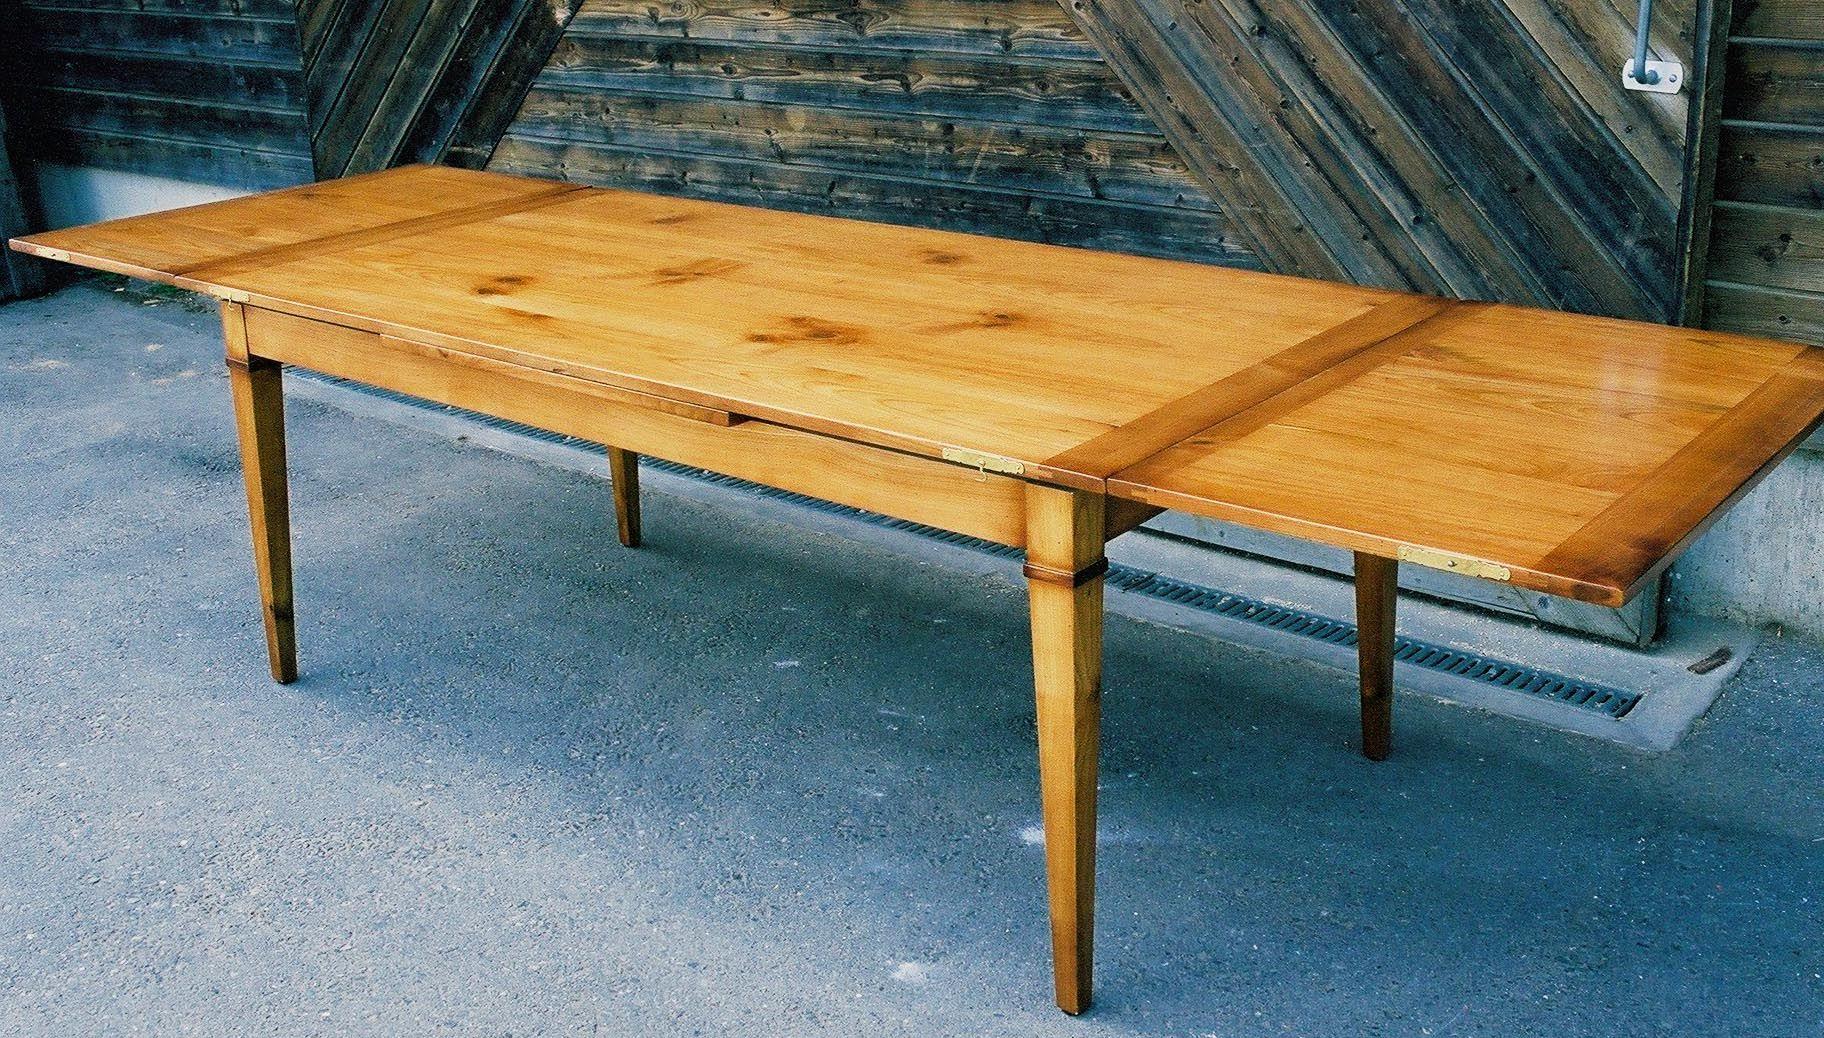 sedarca fabricant suisse de chaises et tables tablis d. Black Bedroom Furniture Sets. Home Design Ideas